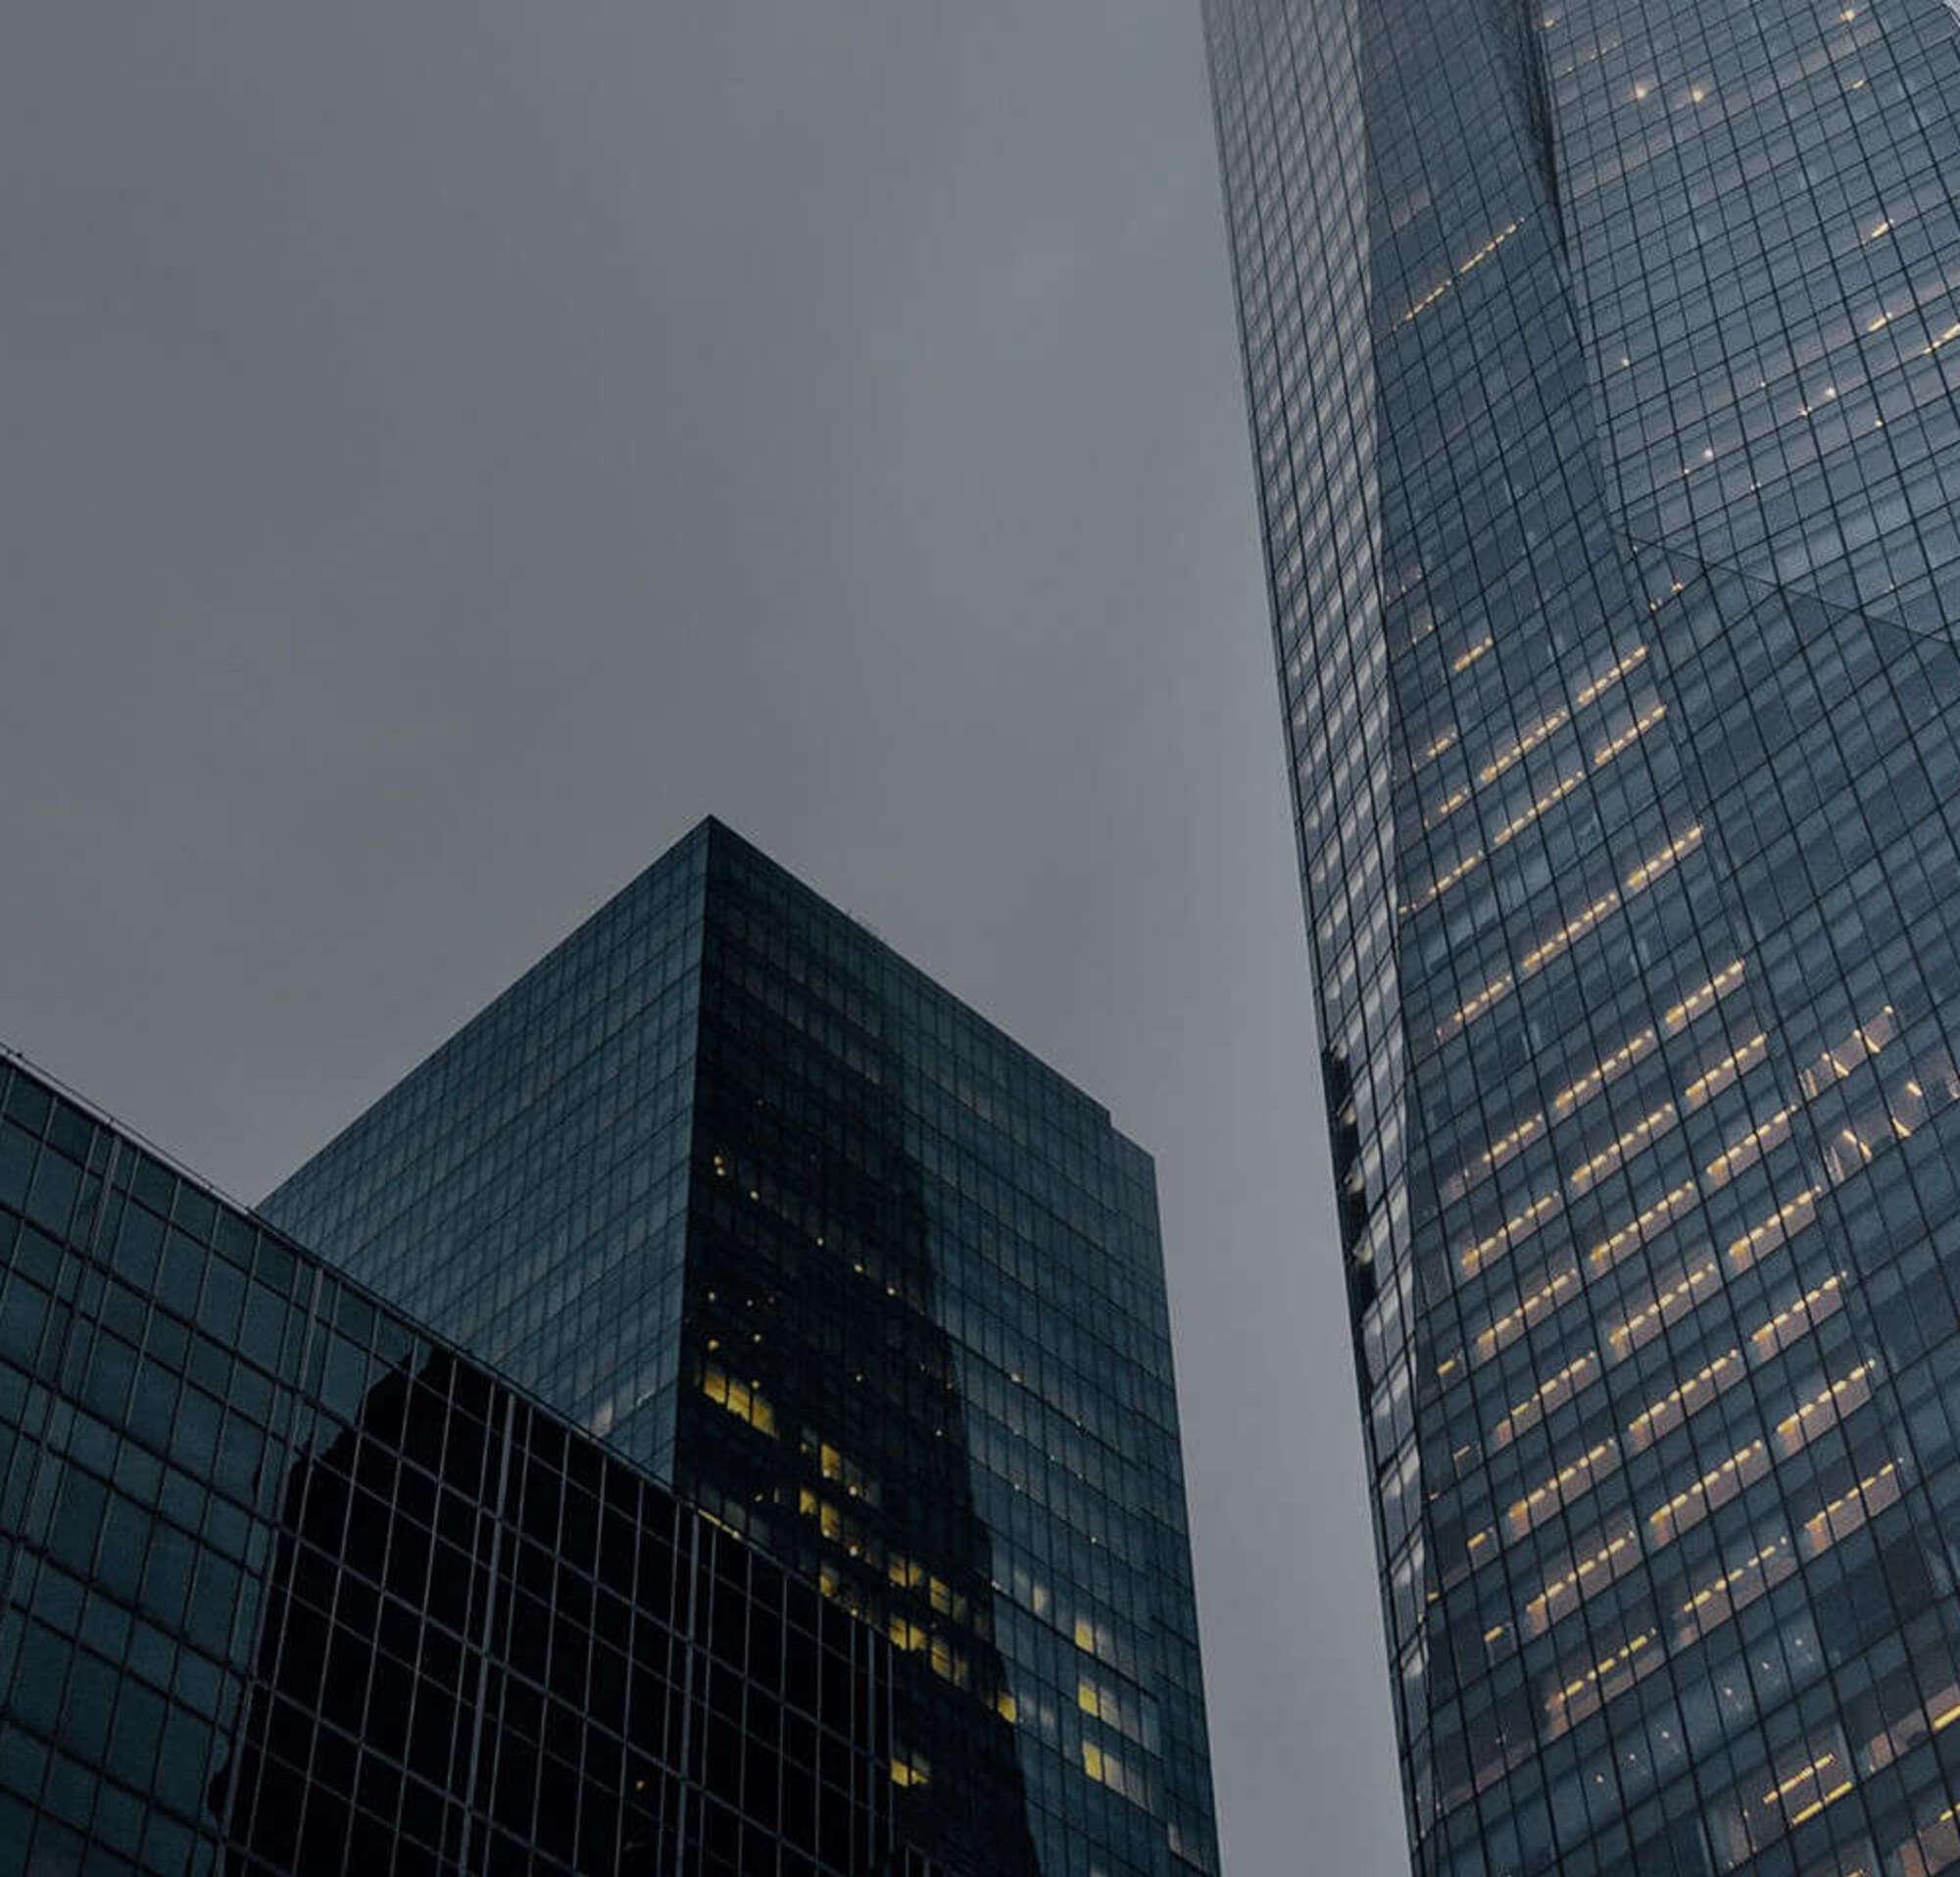 Rascacielos que representa las locaciones de los departamentos jurídicos de clientes